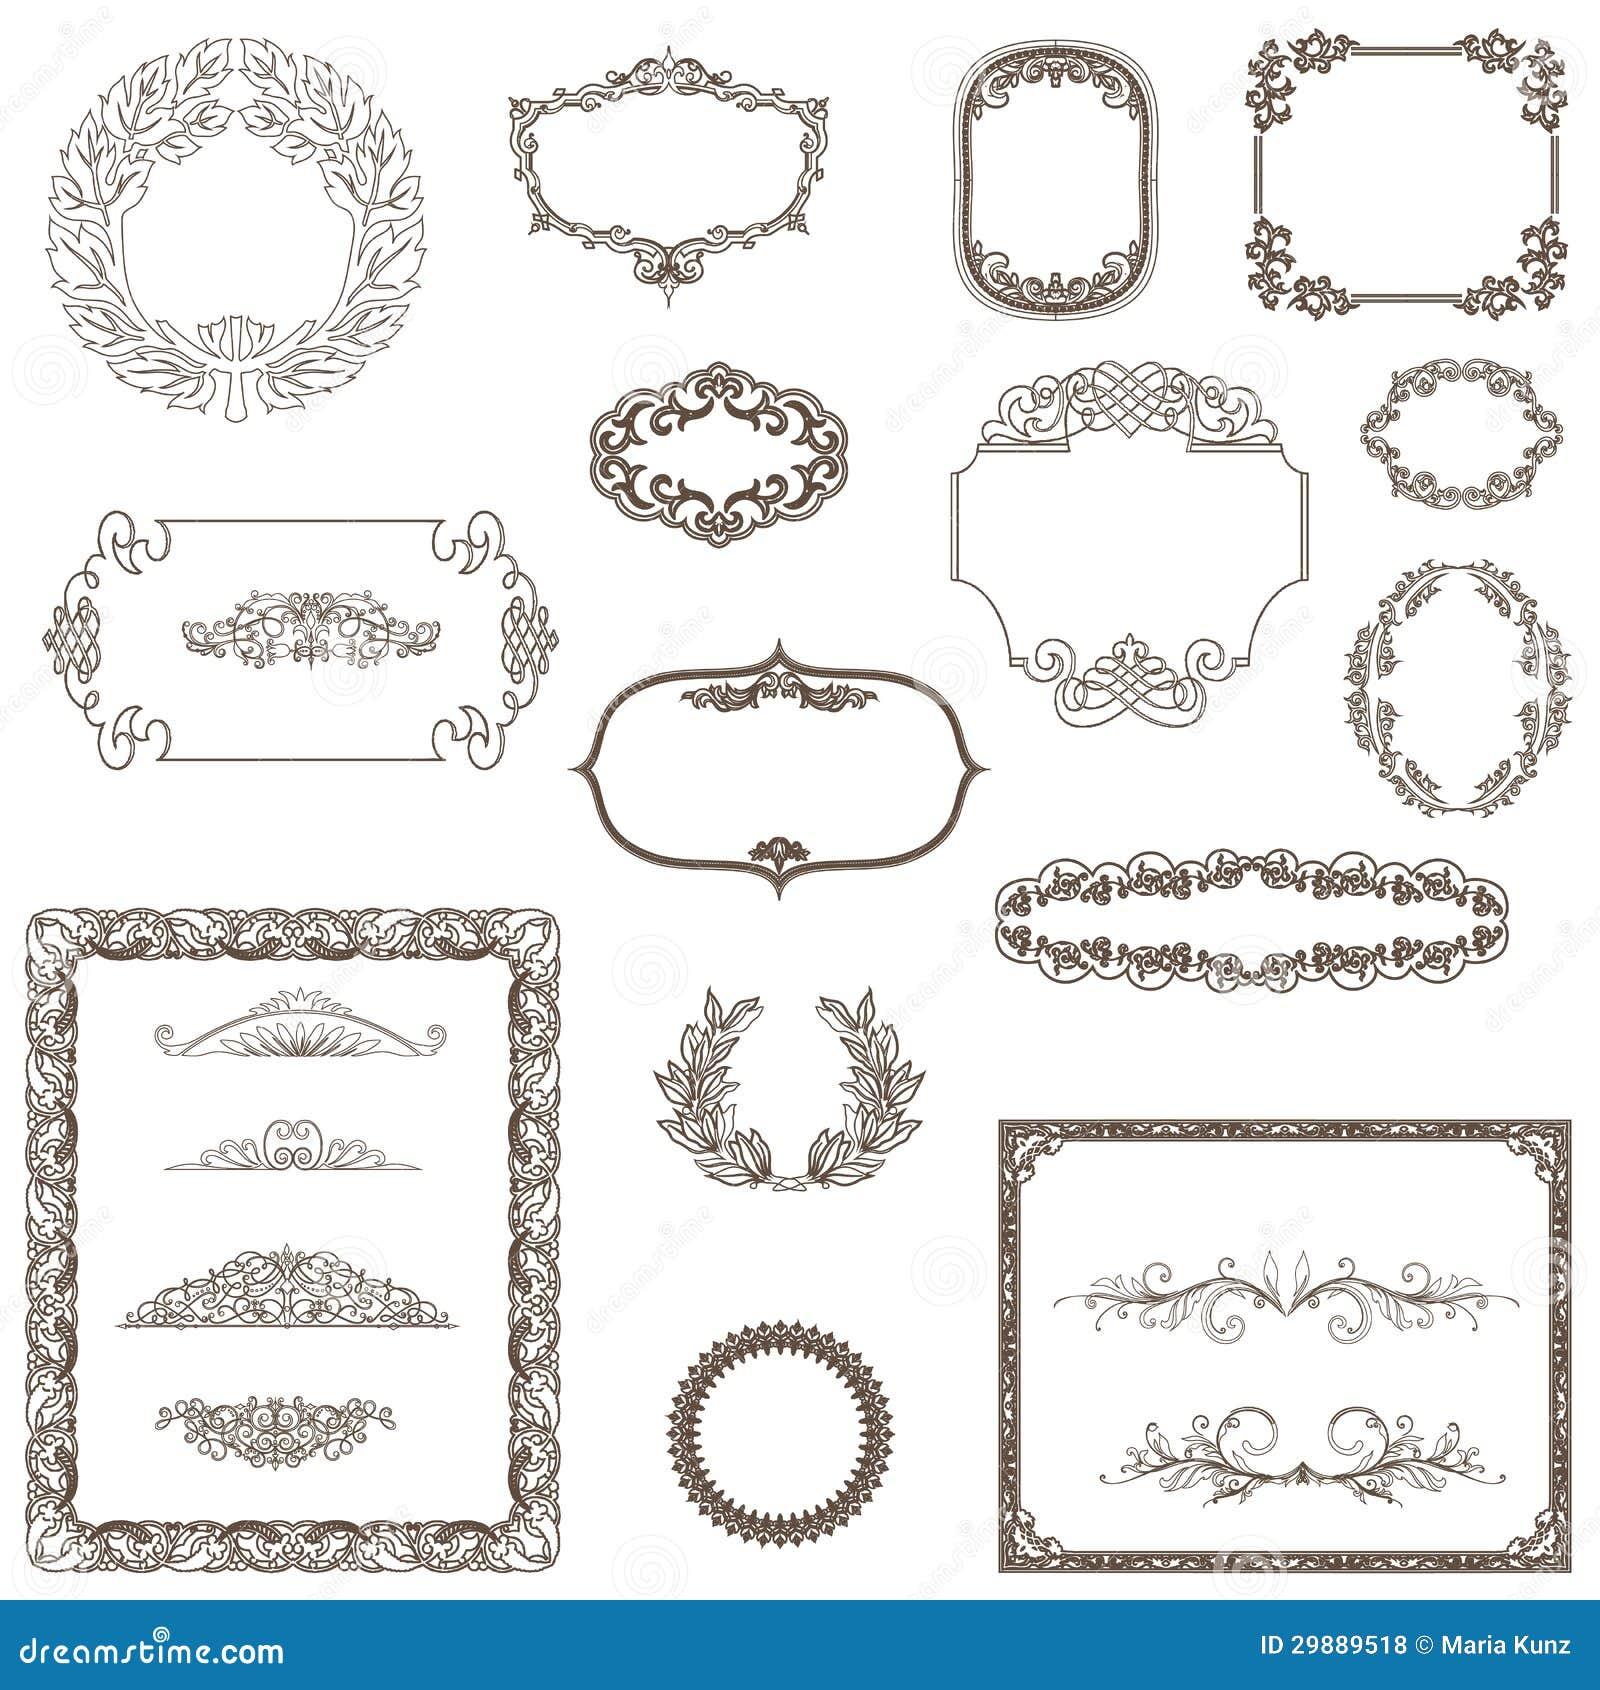 Marco ornamento y elemento del vintage para la decoraci n y el dise o fotos de archivo libres - Decoracion de marcos de fotos ...